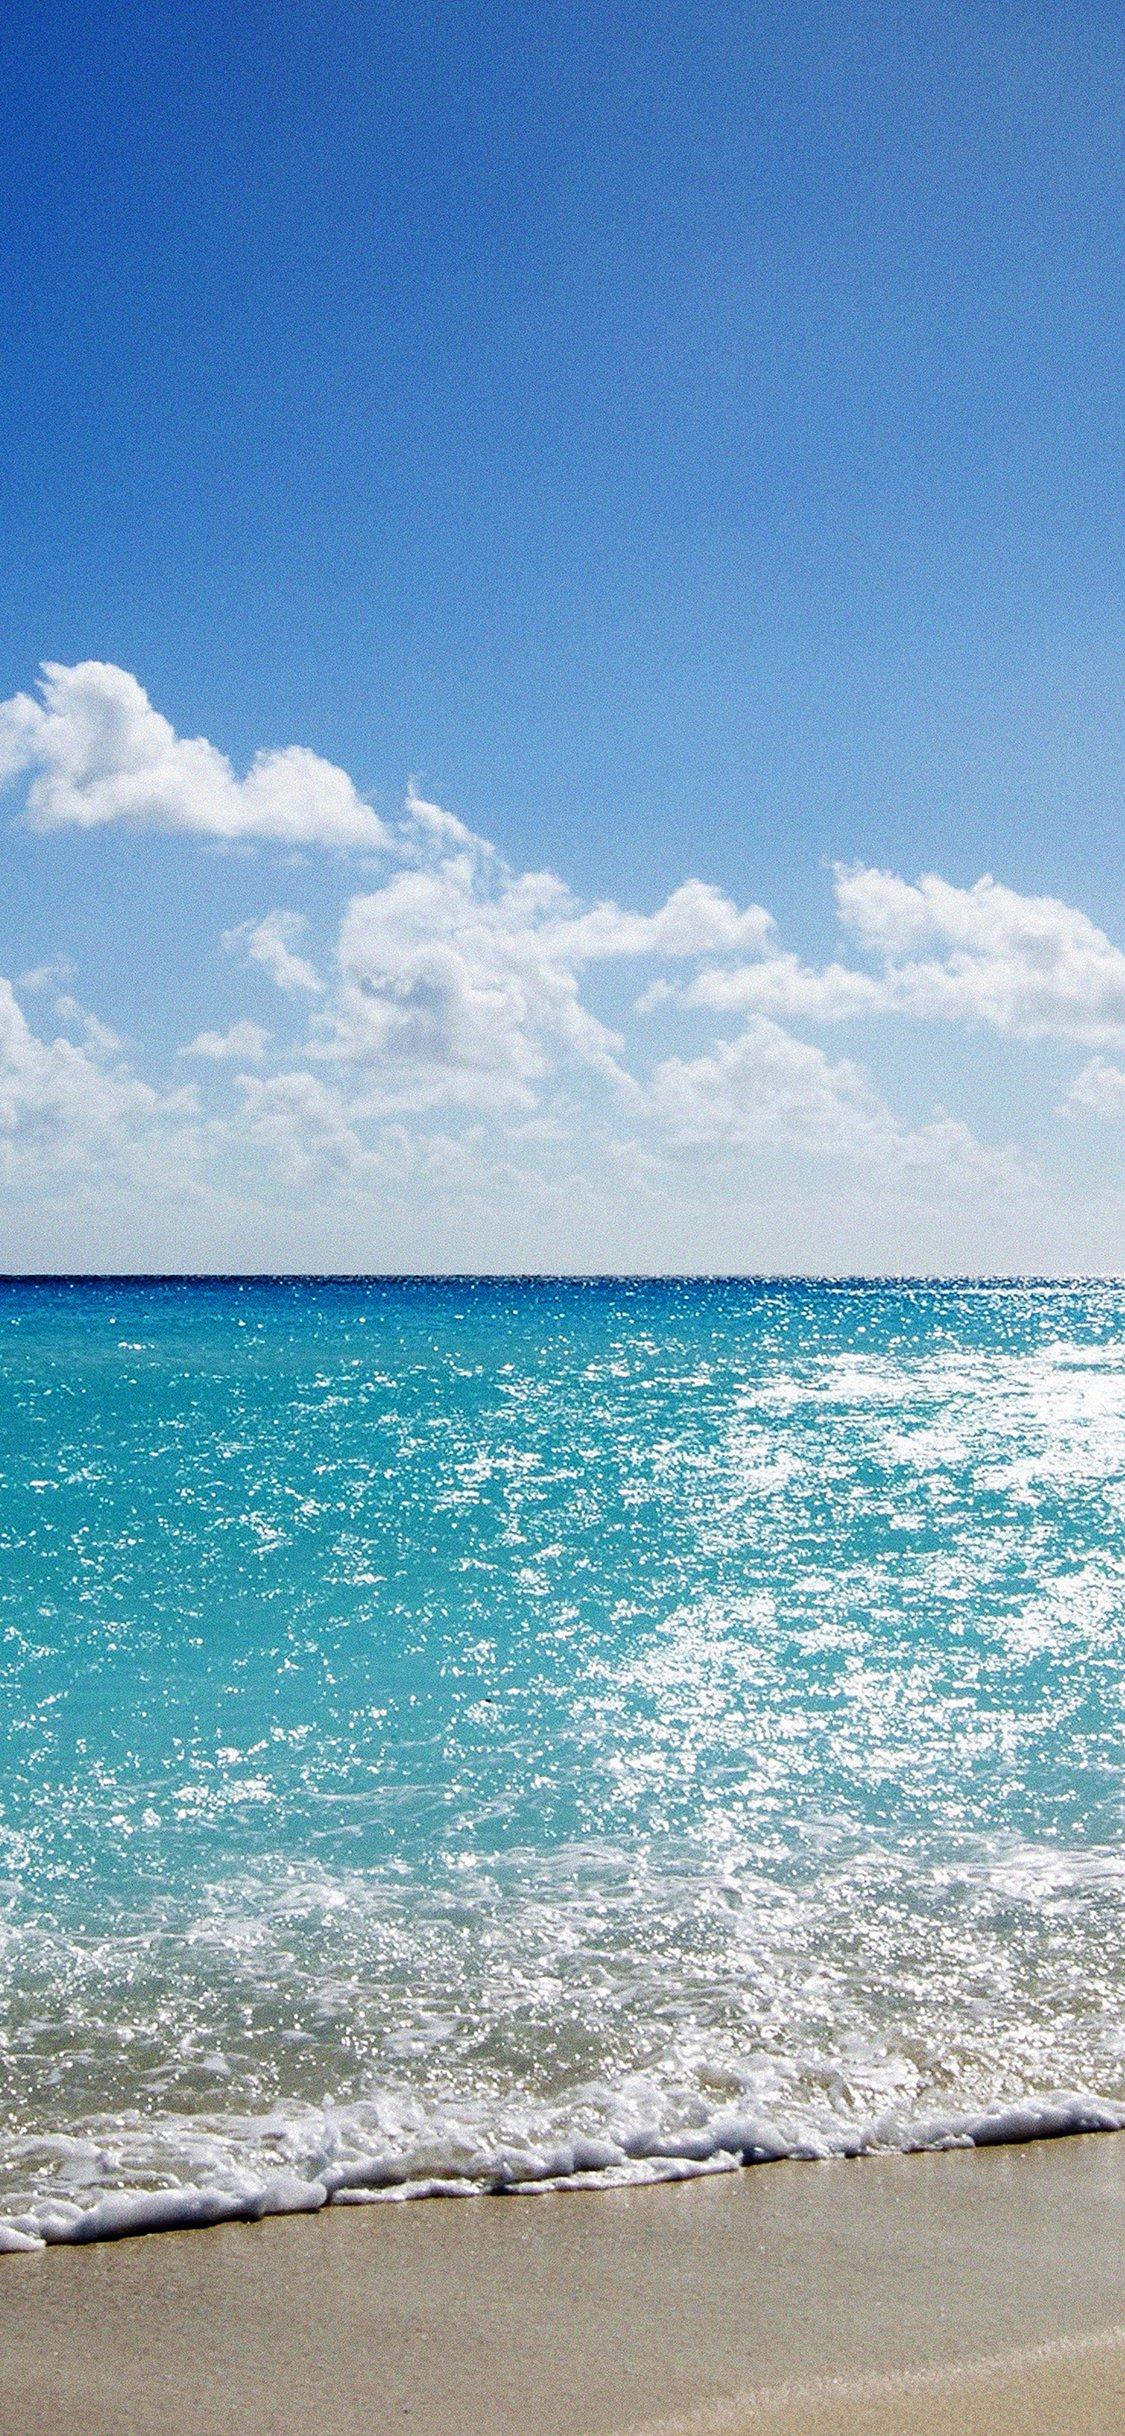 Sea Water Ocean Sky Sunny Iphone X Wallpaper Download Iphone